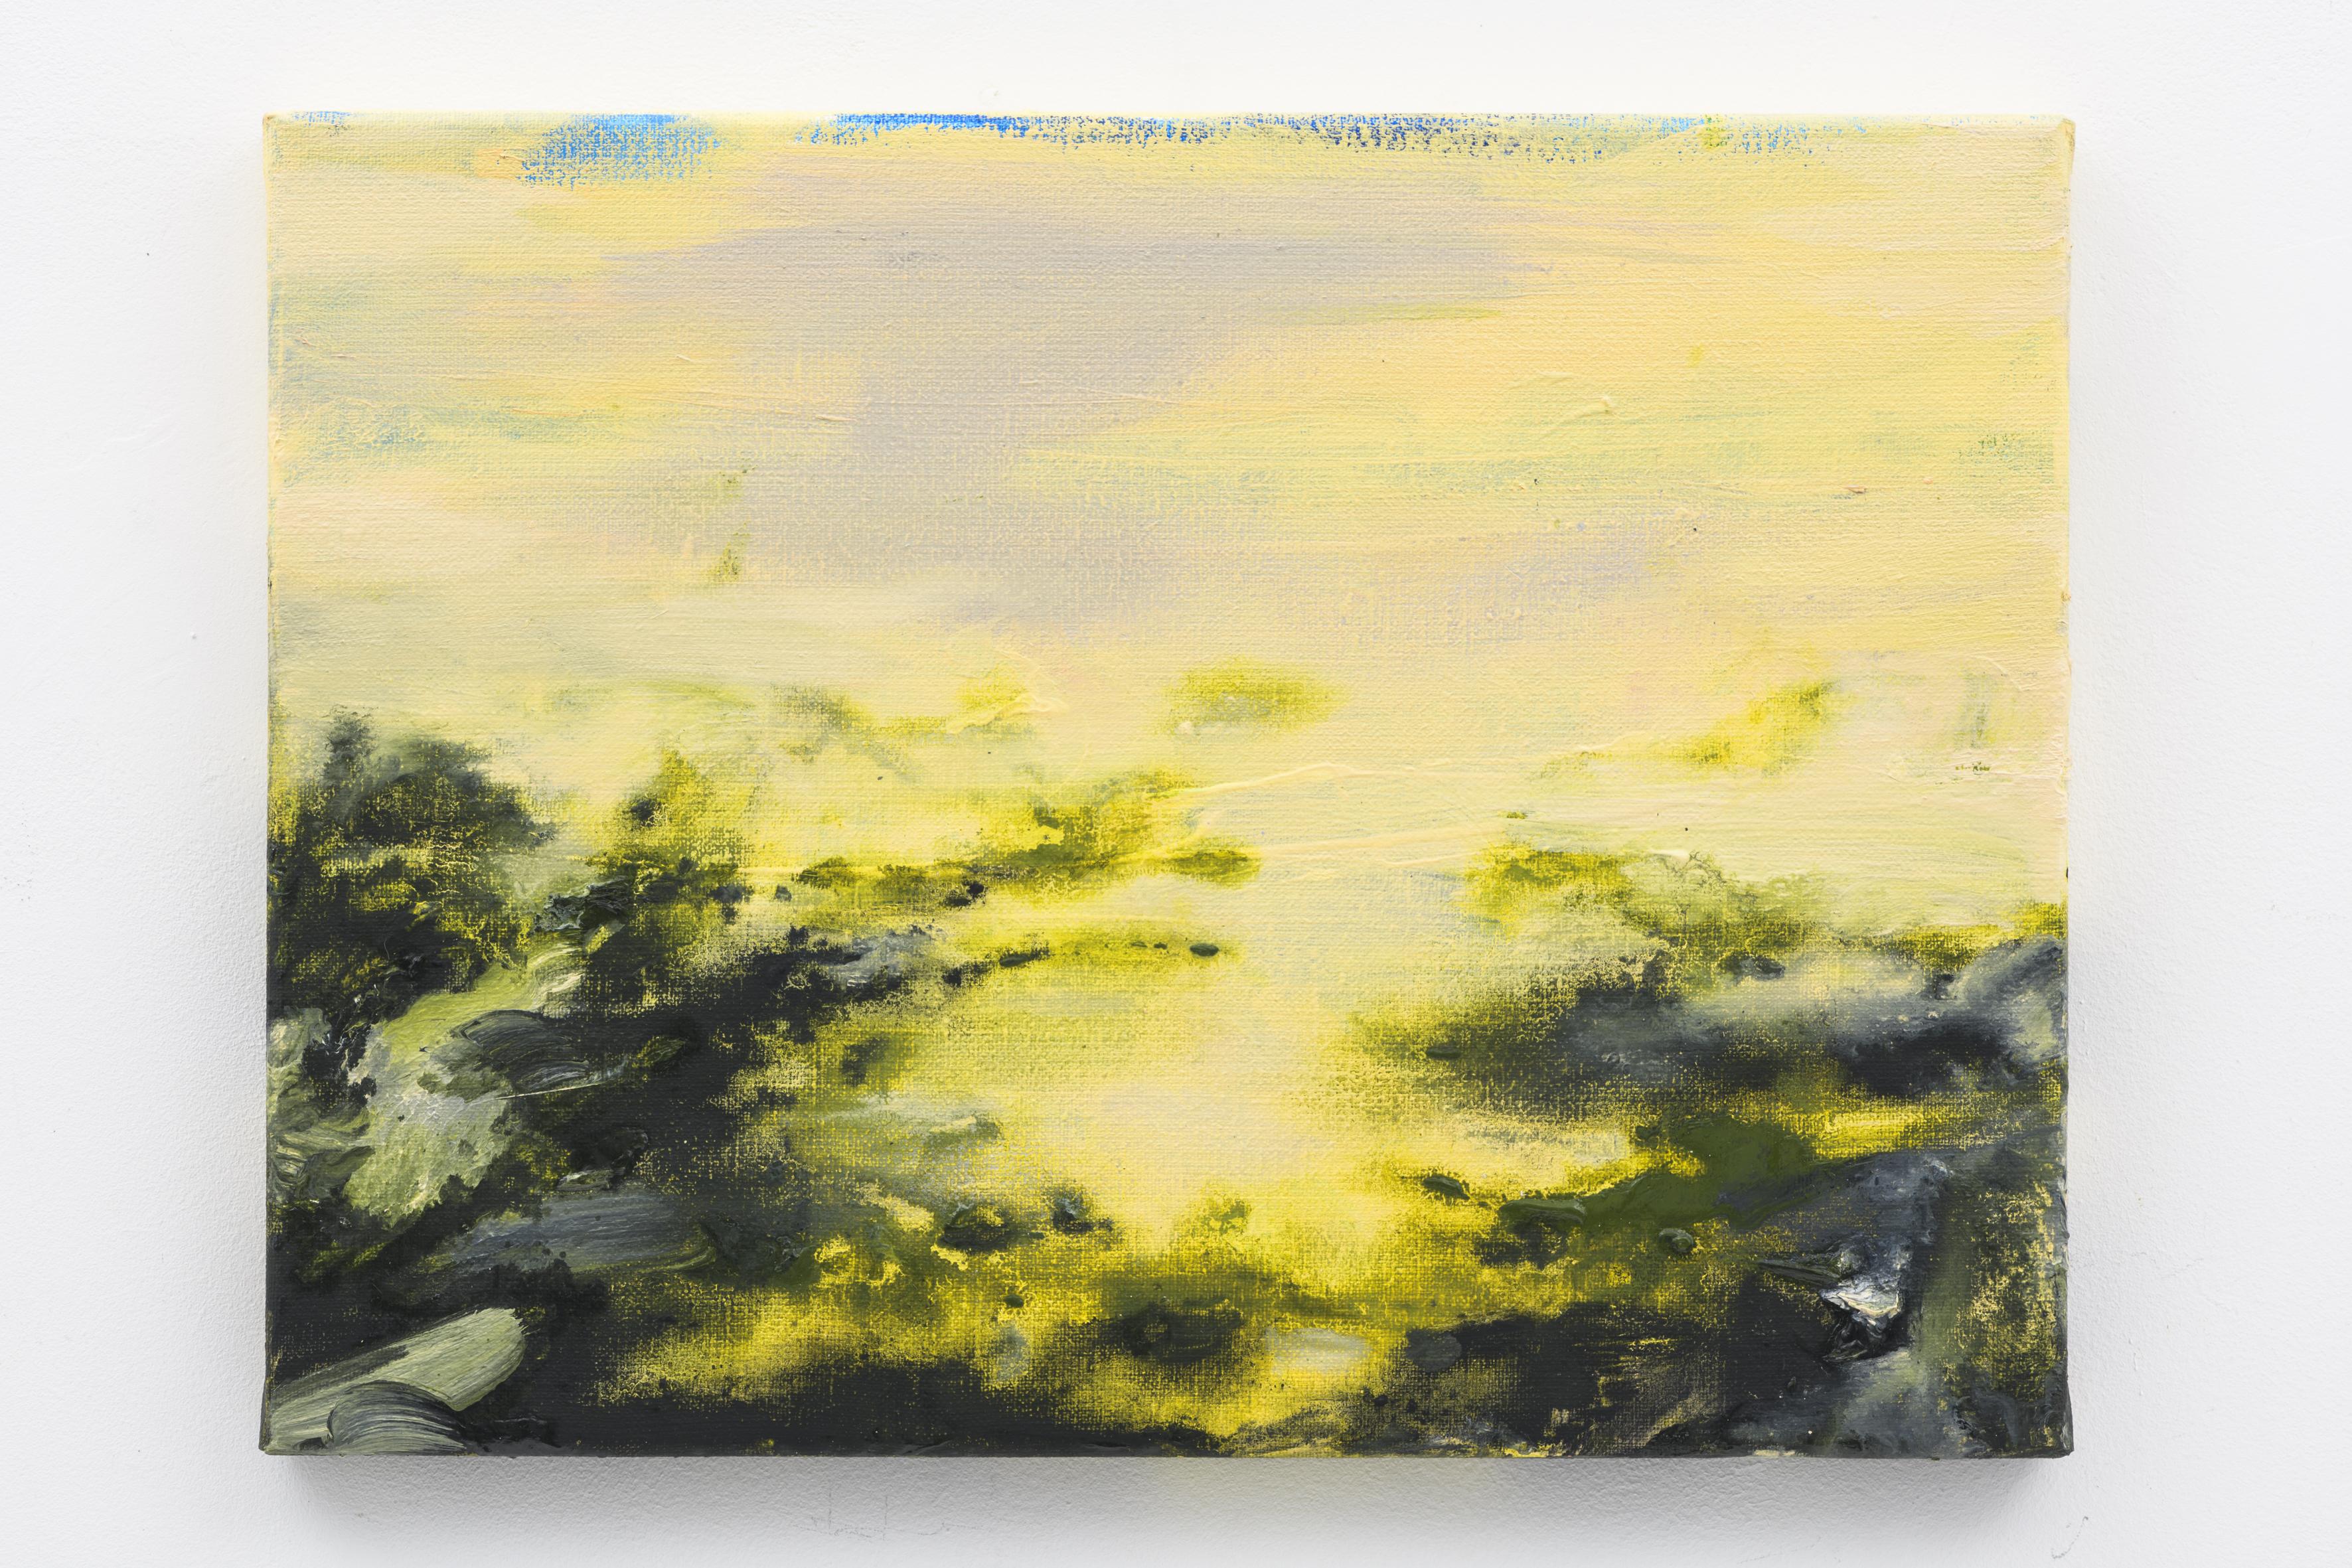 """""""Herfstlicht II"""" 30 x 40 cm. oil on linen 2017 (Air Van GoghHuis)"""